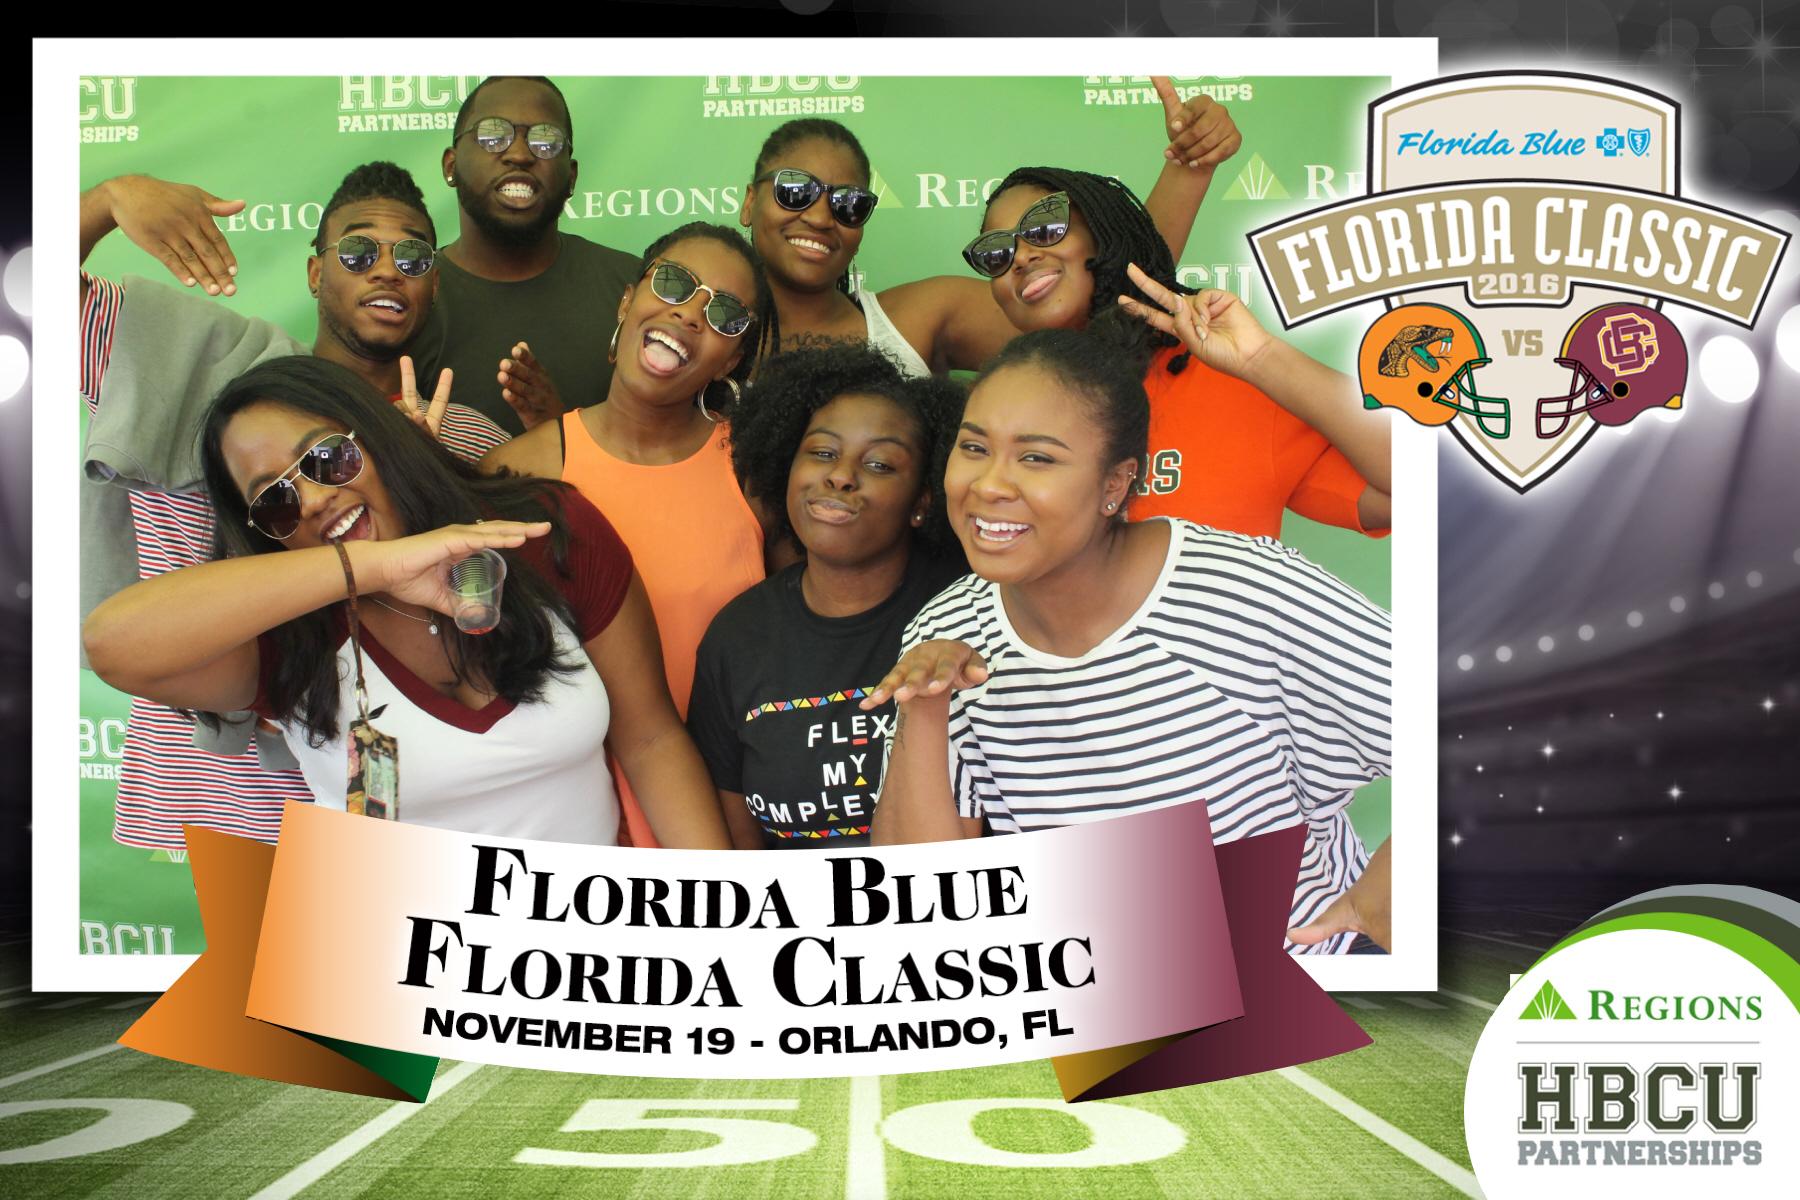 Regions - Florida Classic